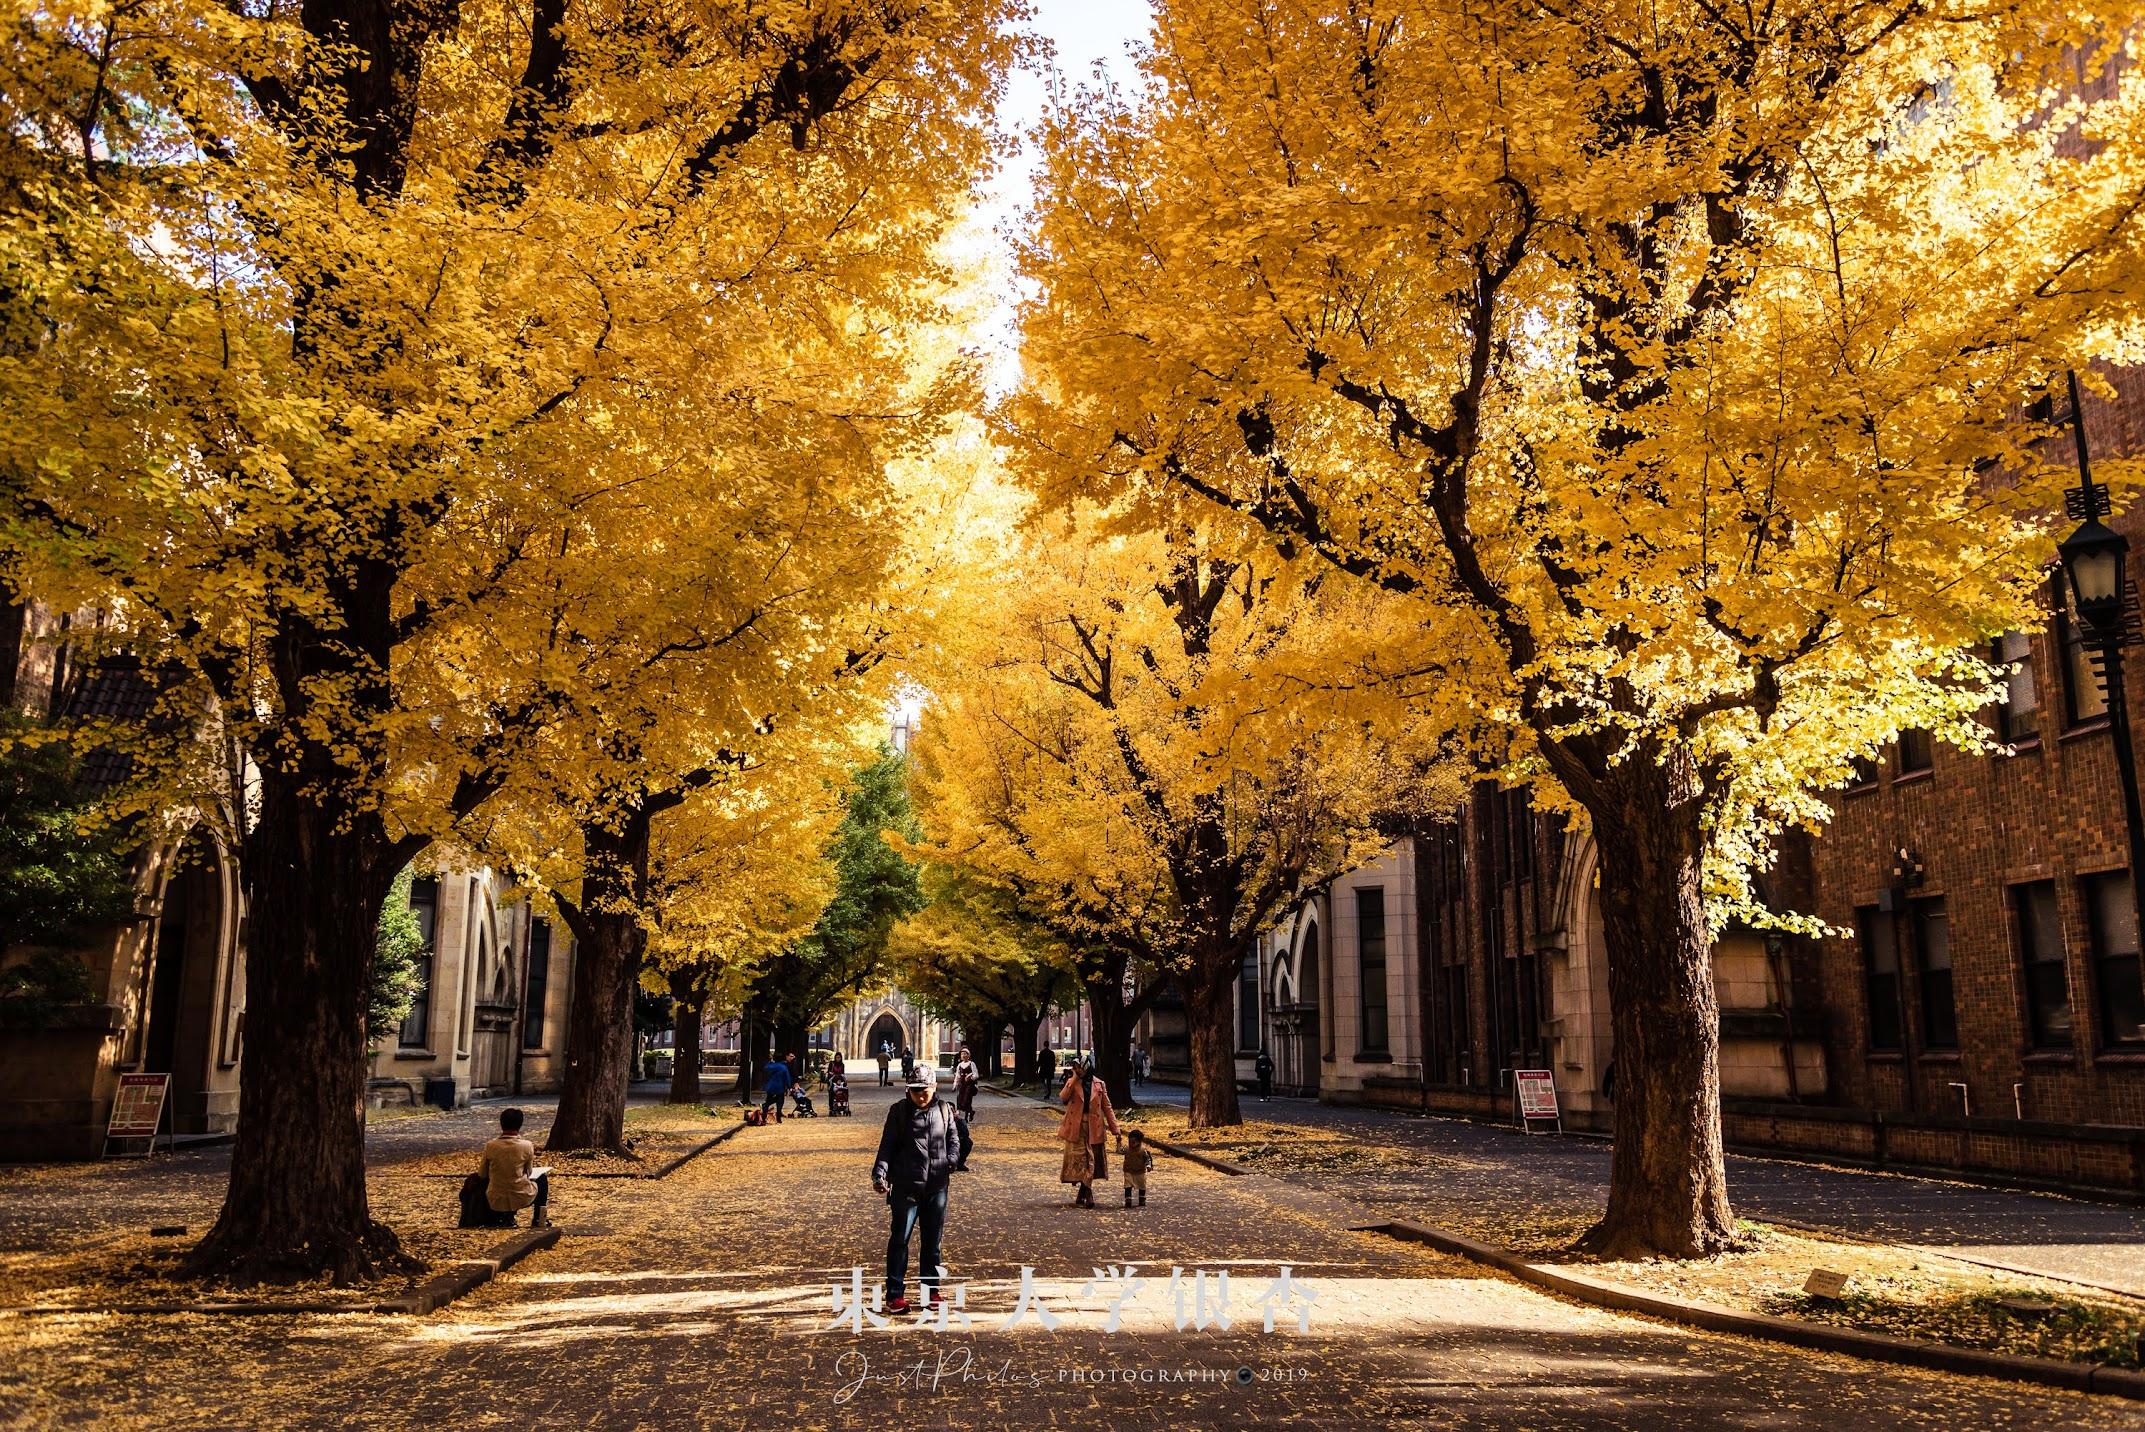 本鄉校區內安田講堂前的銀杏並木,非常吸睛。